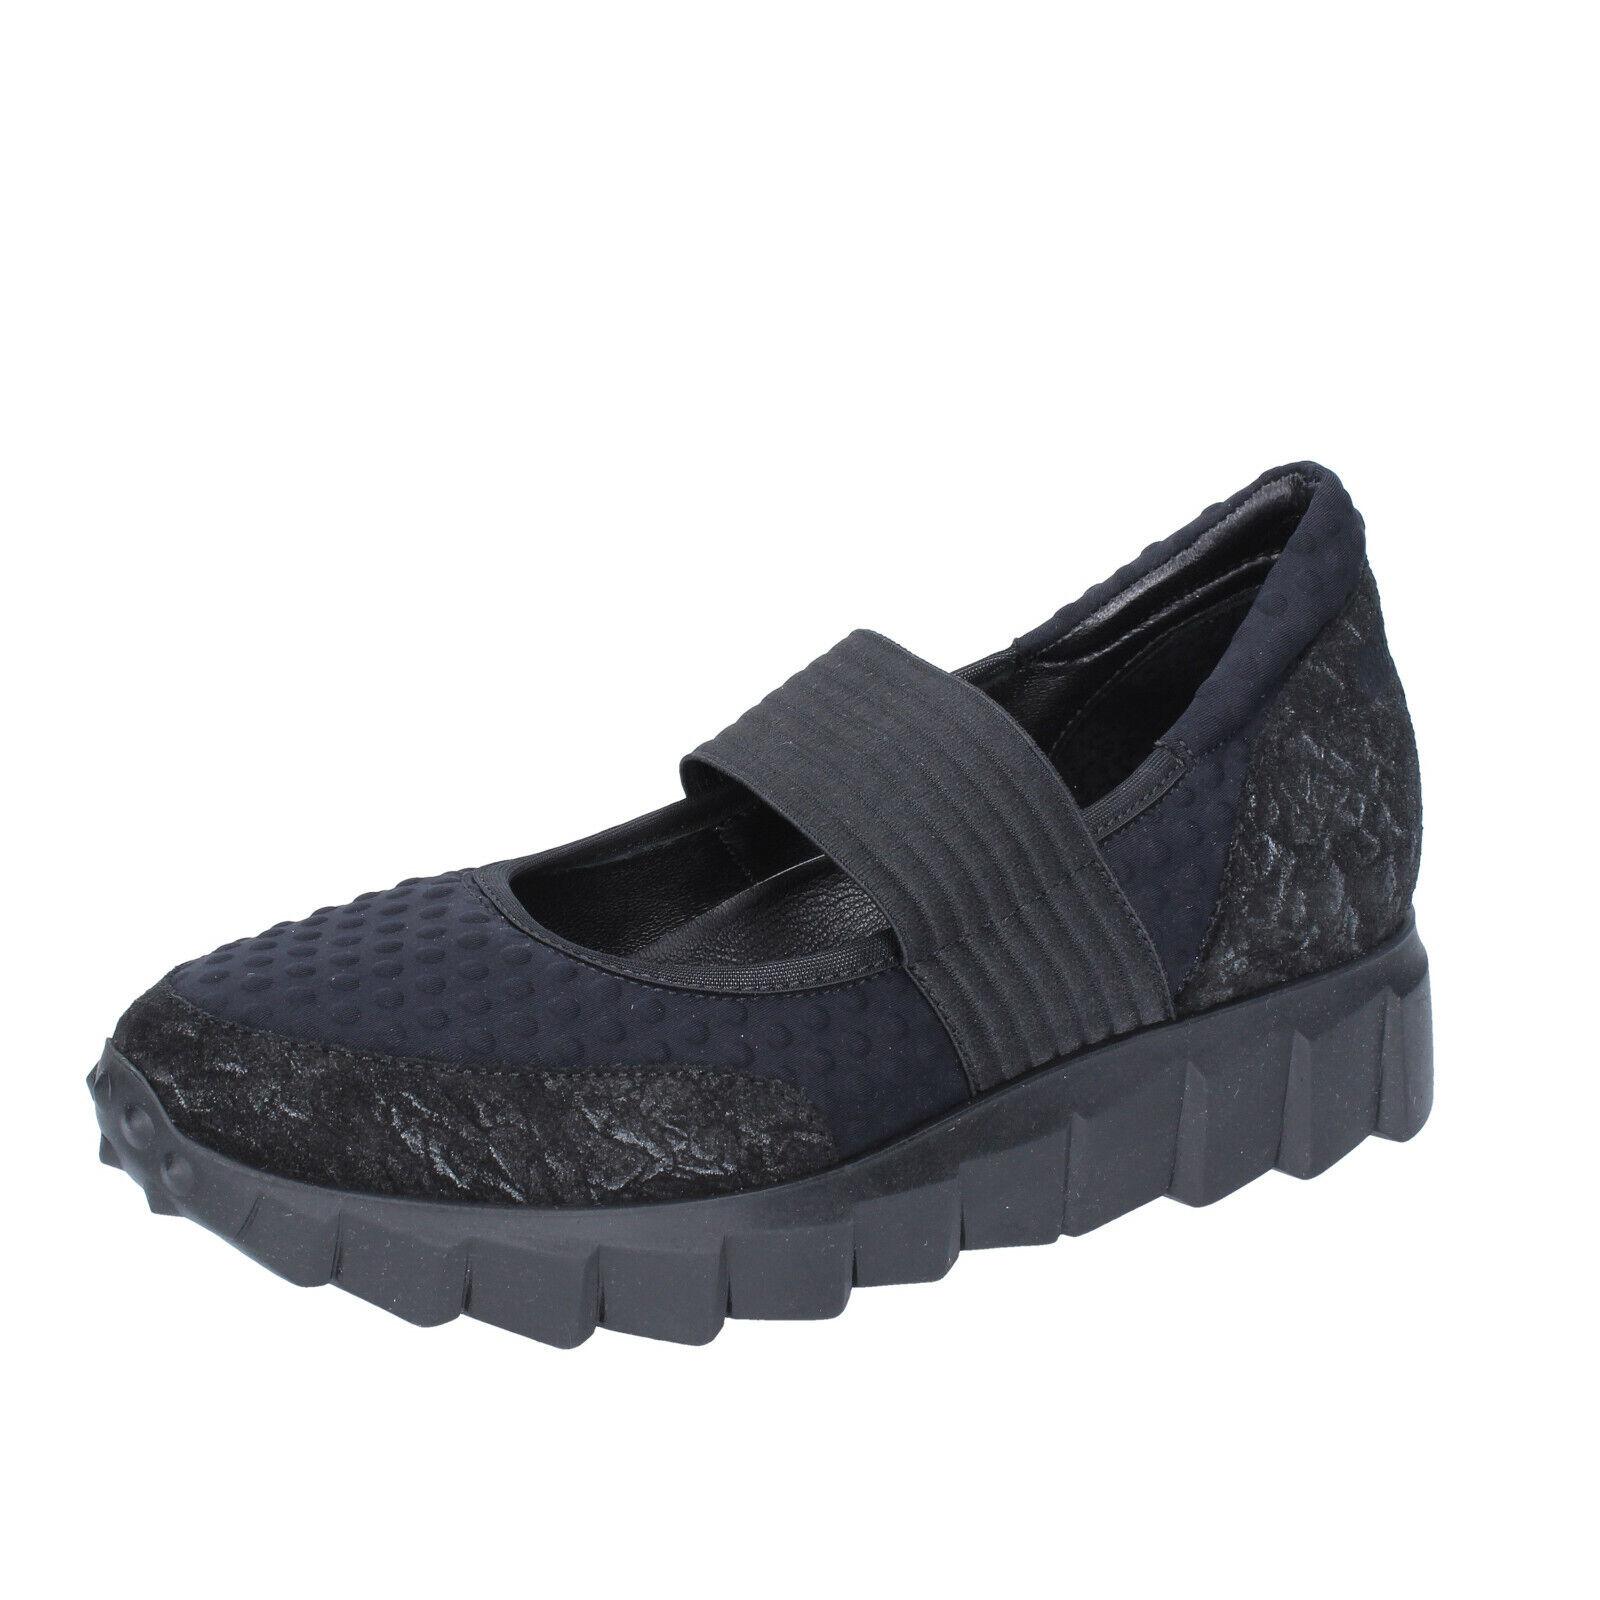 Ultimo 2018 Donna  scarpe ANDIA ANDIA ANDIA FORA 8 (EU 38) flats nero suede textile BS639-38  marchi di stilisti economici